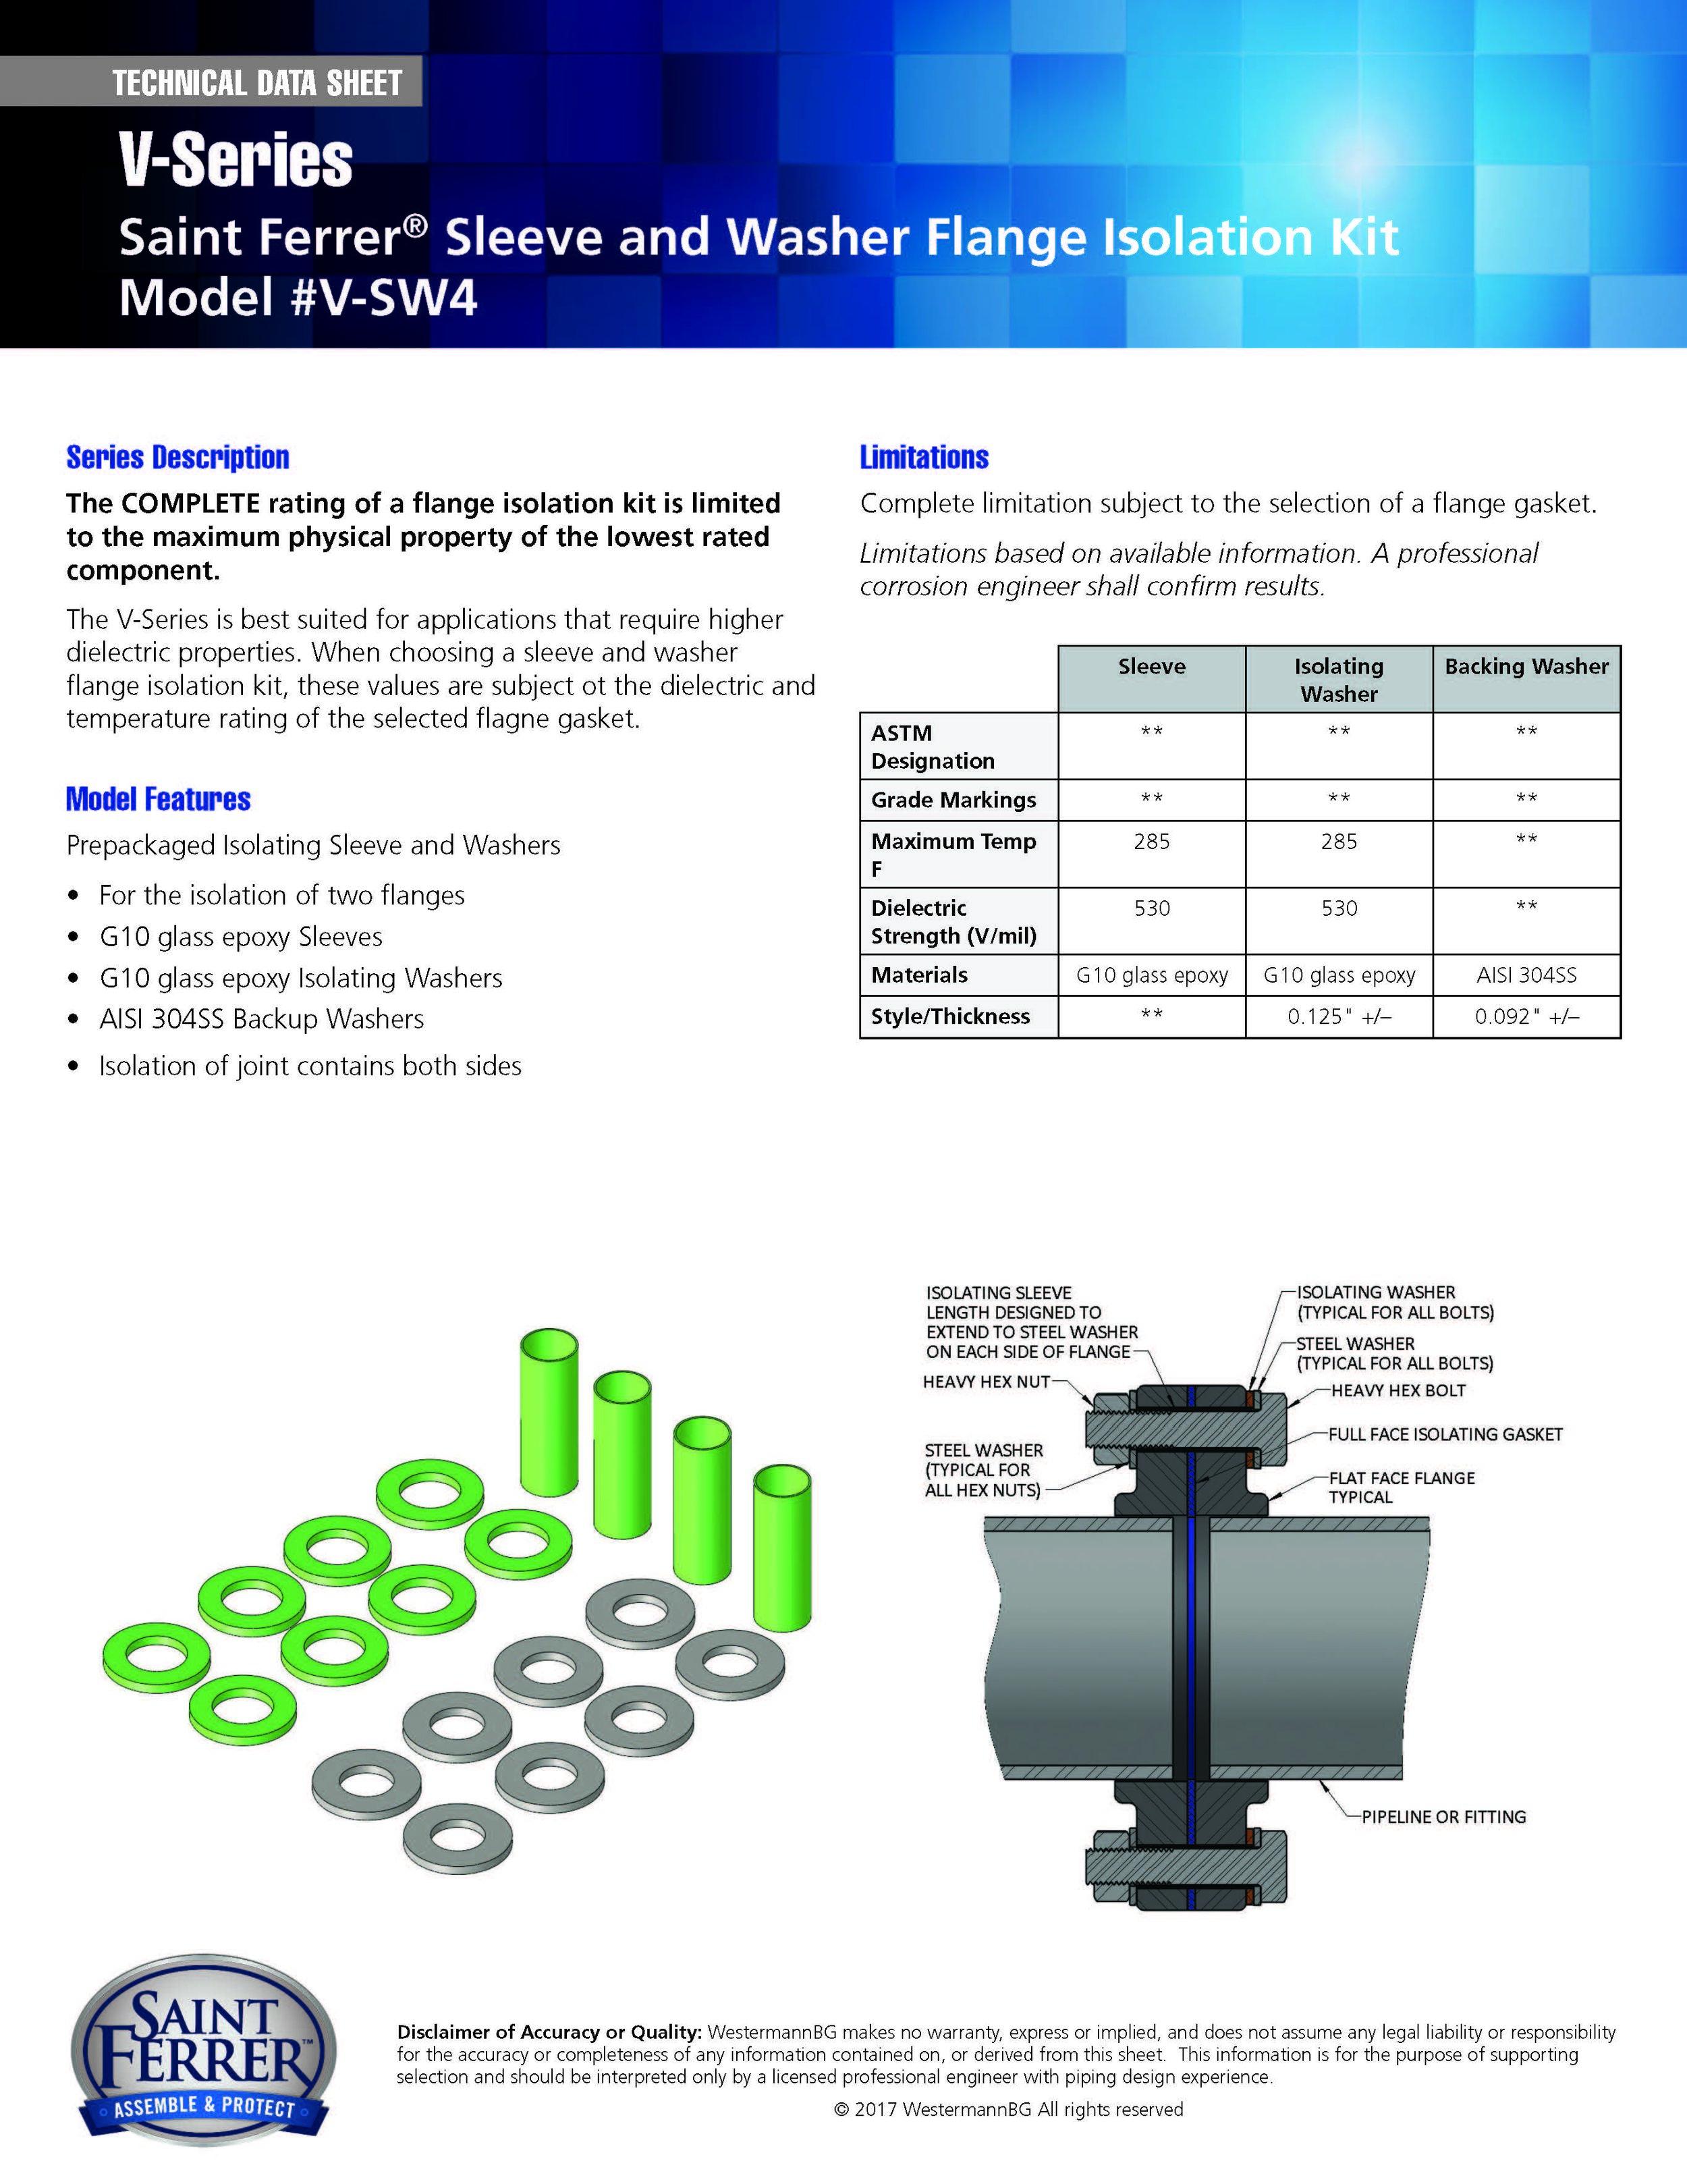 SF_Data_Sheet_V_Series_V-SW4.jpg